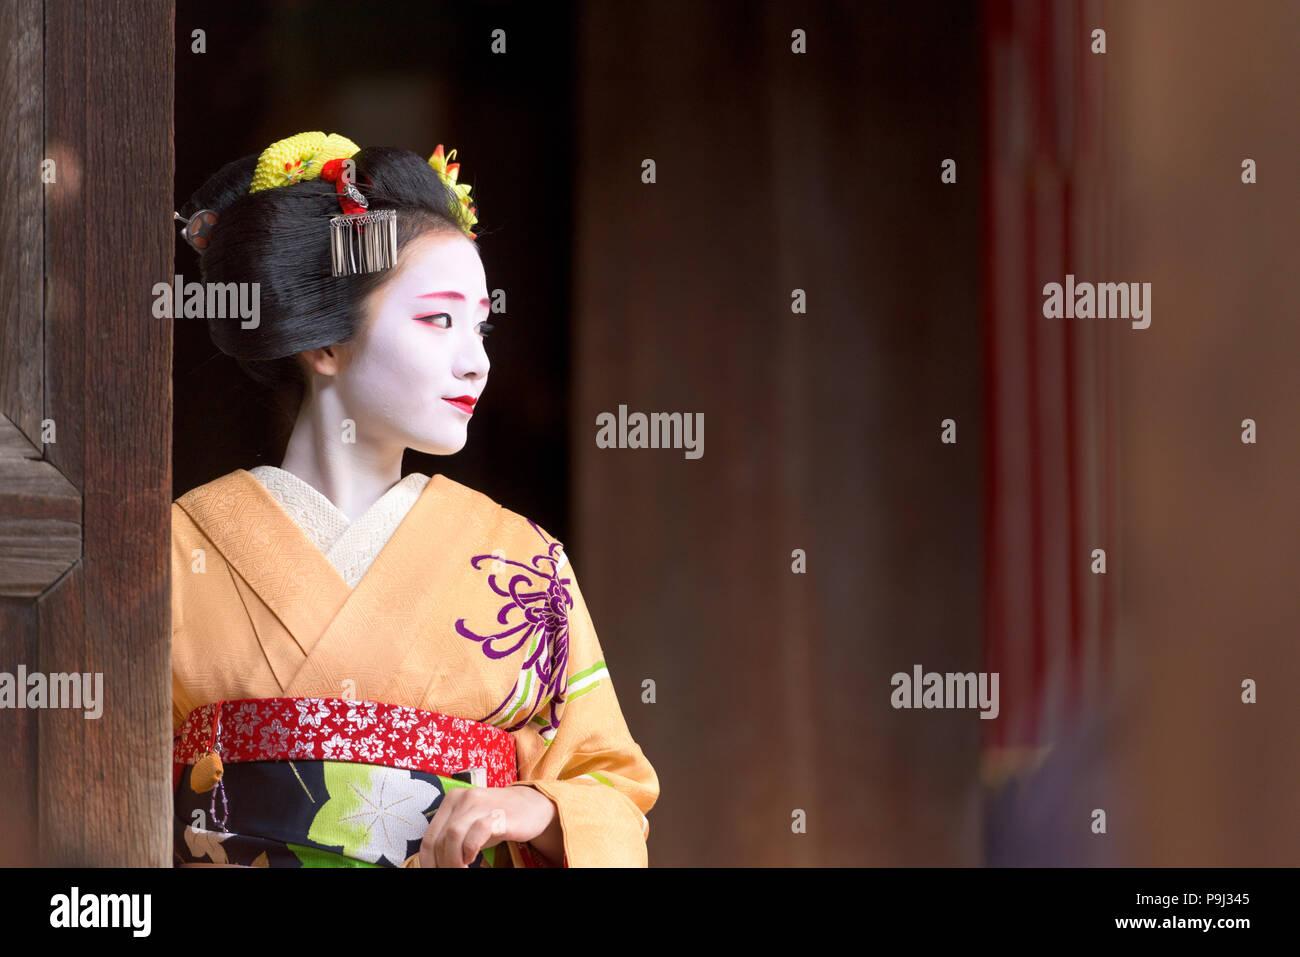 KYOTO, Japón - Noviembre 28, 2015: Una mujer en el tradicional vestido de Maiko parece fuera de un templo umbral. Imagen De Stock